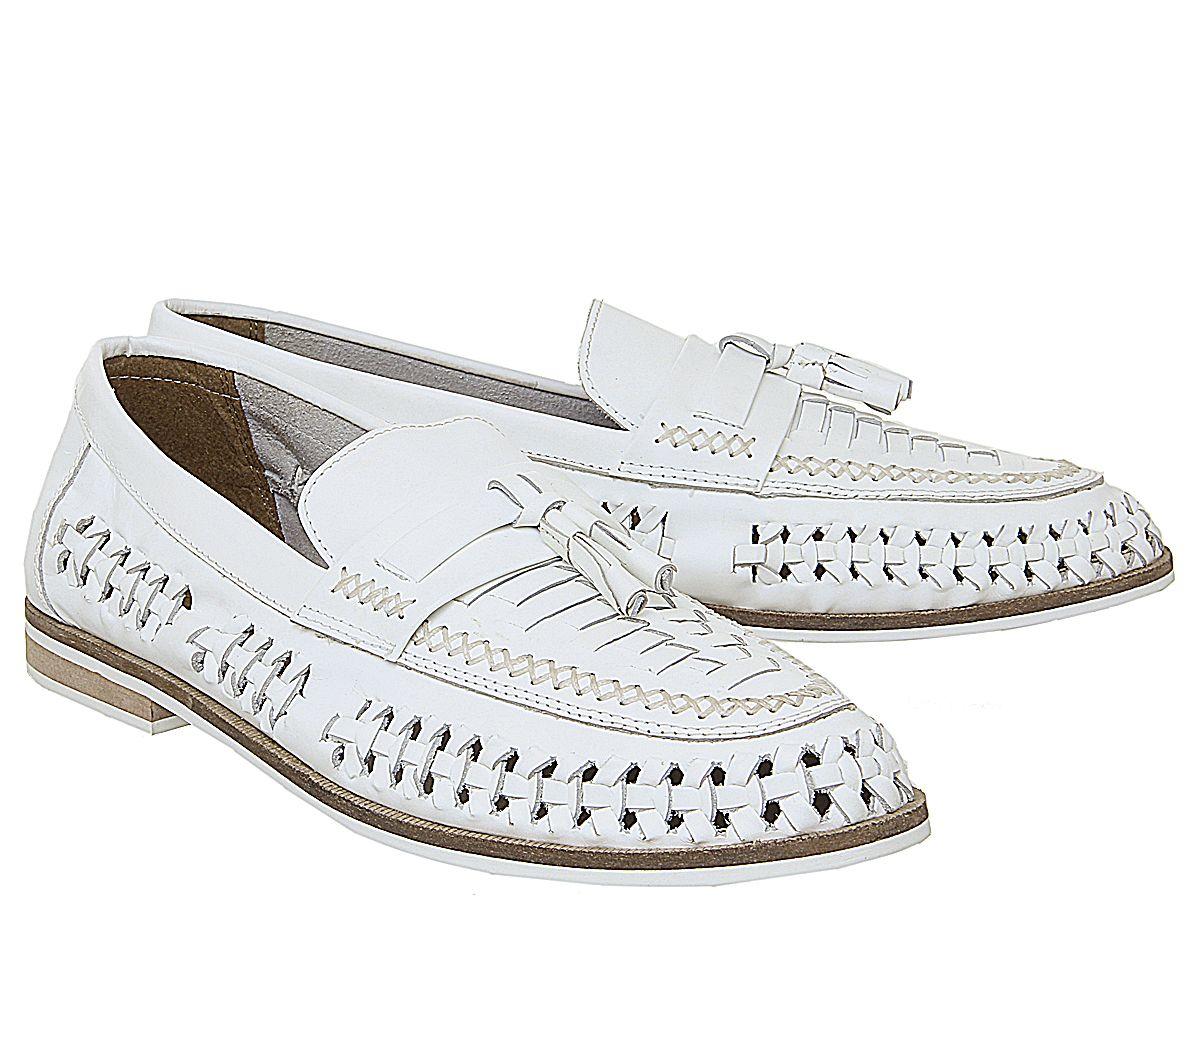 Detalles de Hombre office Camden Tejido Mocasines con Borlas Blanco Zapatos Casuales Cuero